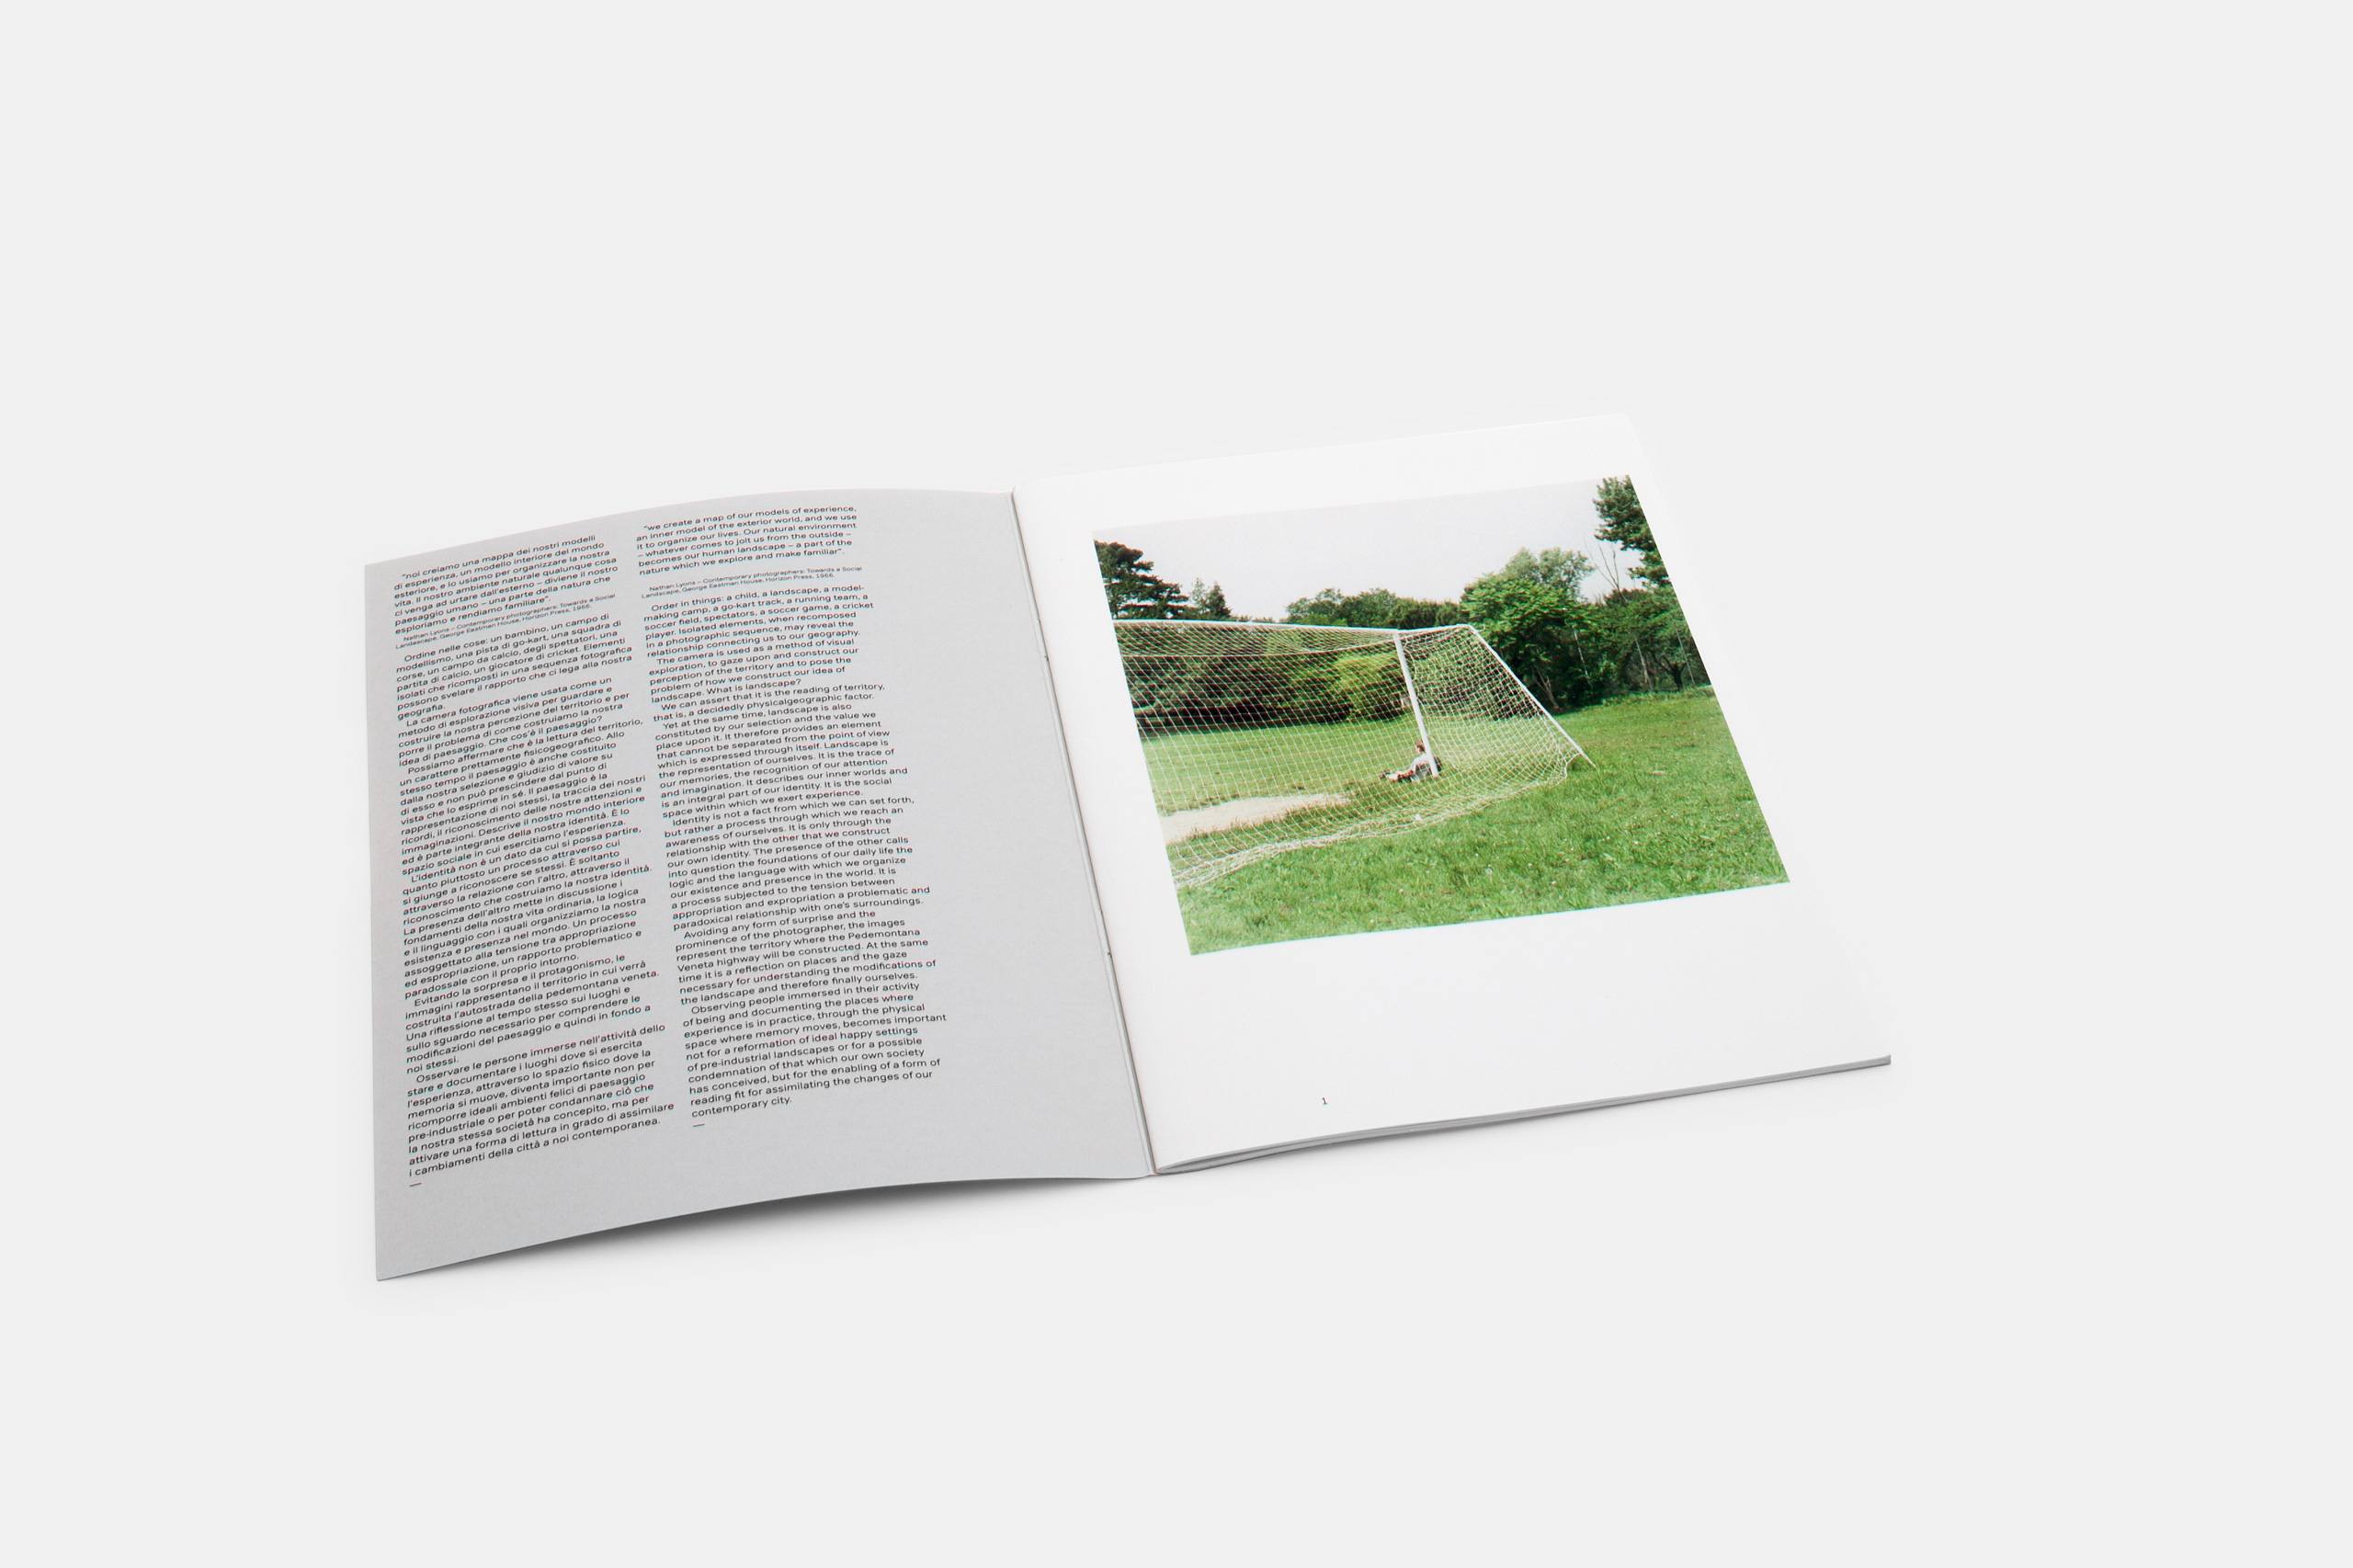 Dovresti Esserci. La vita qui è come l'abbiamo sempre sognata – Visions and Documents – Documentary Platform Editions – Federico Covre